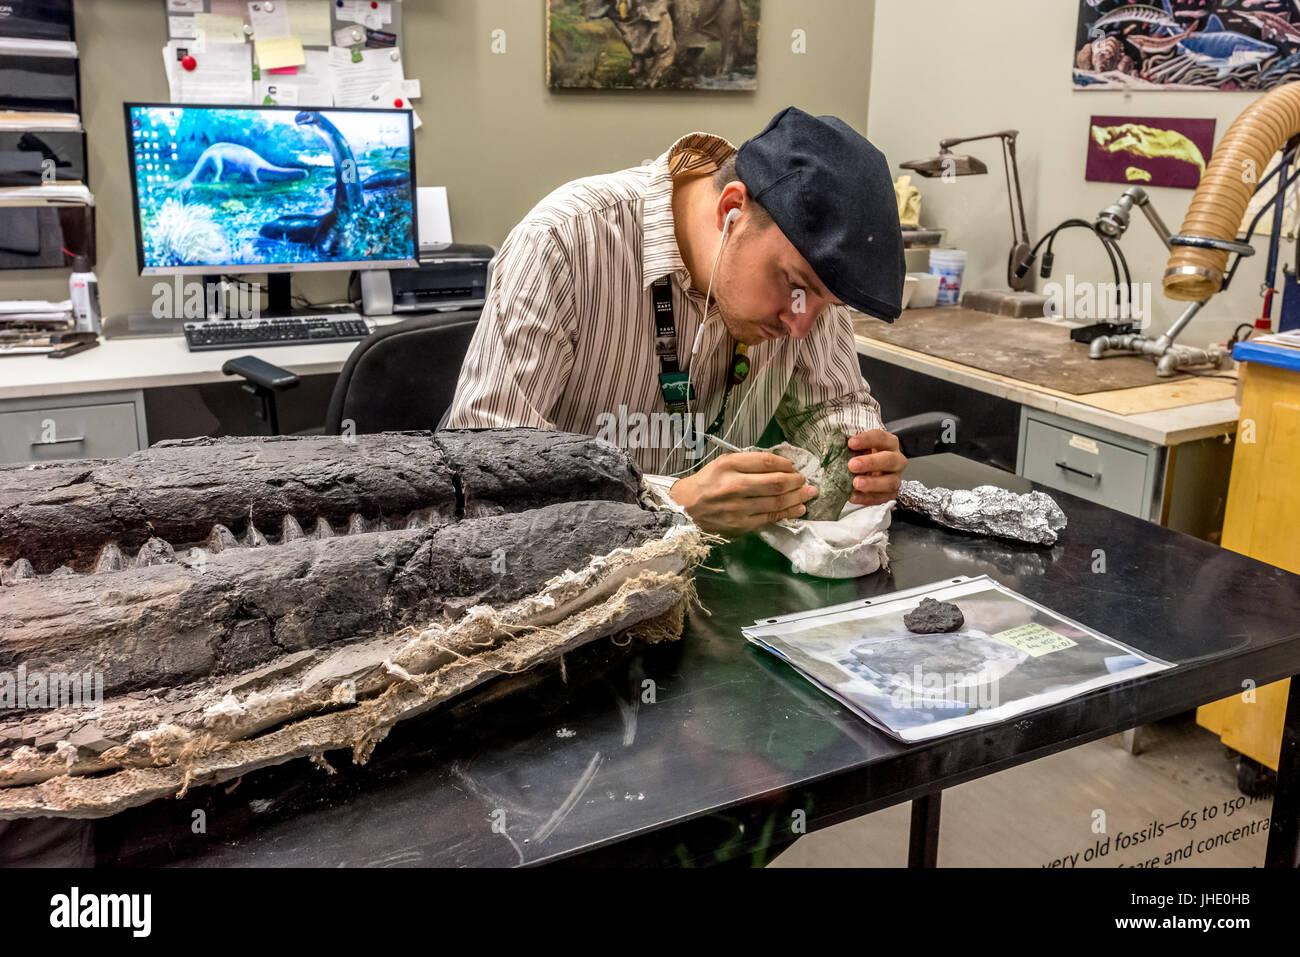 Ein Paläontologe im Museum of Natural History von Los Angeles reinigt Fossilien aus einem großen Ichthyosaurier in Nevada, der großen Kiefer neben ihm gefunden. Stockfoto